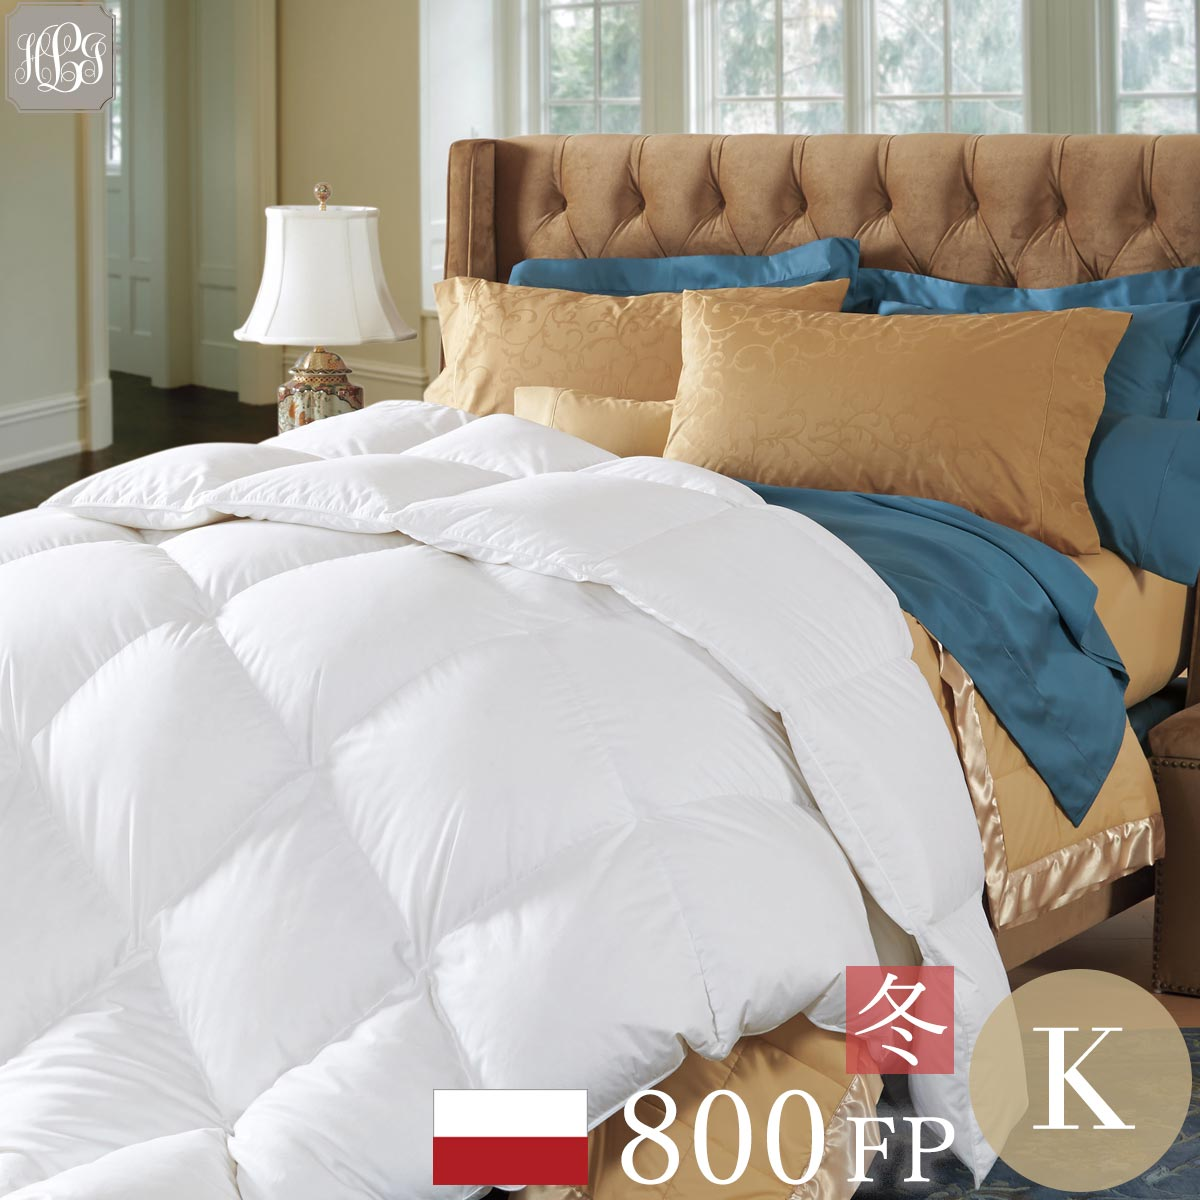 冬用 キング 230cmx210cm 羽毛布団 800フィルパワーポーランド産ホワイトマザーグースダウン ダウンブランケット